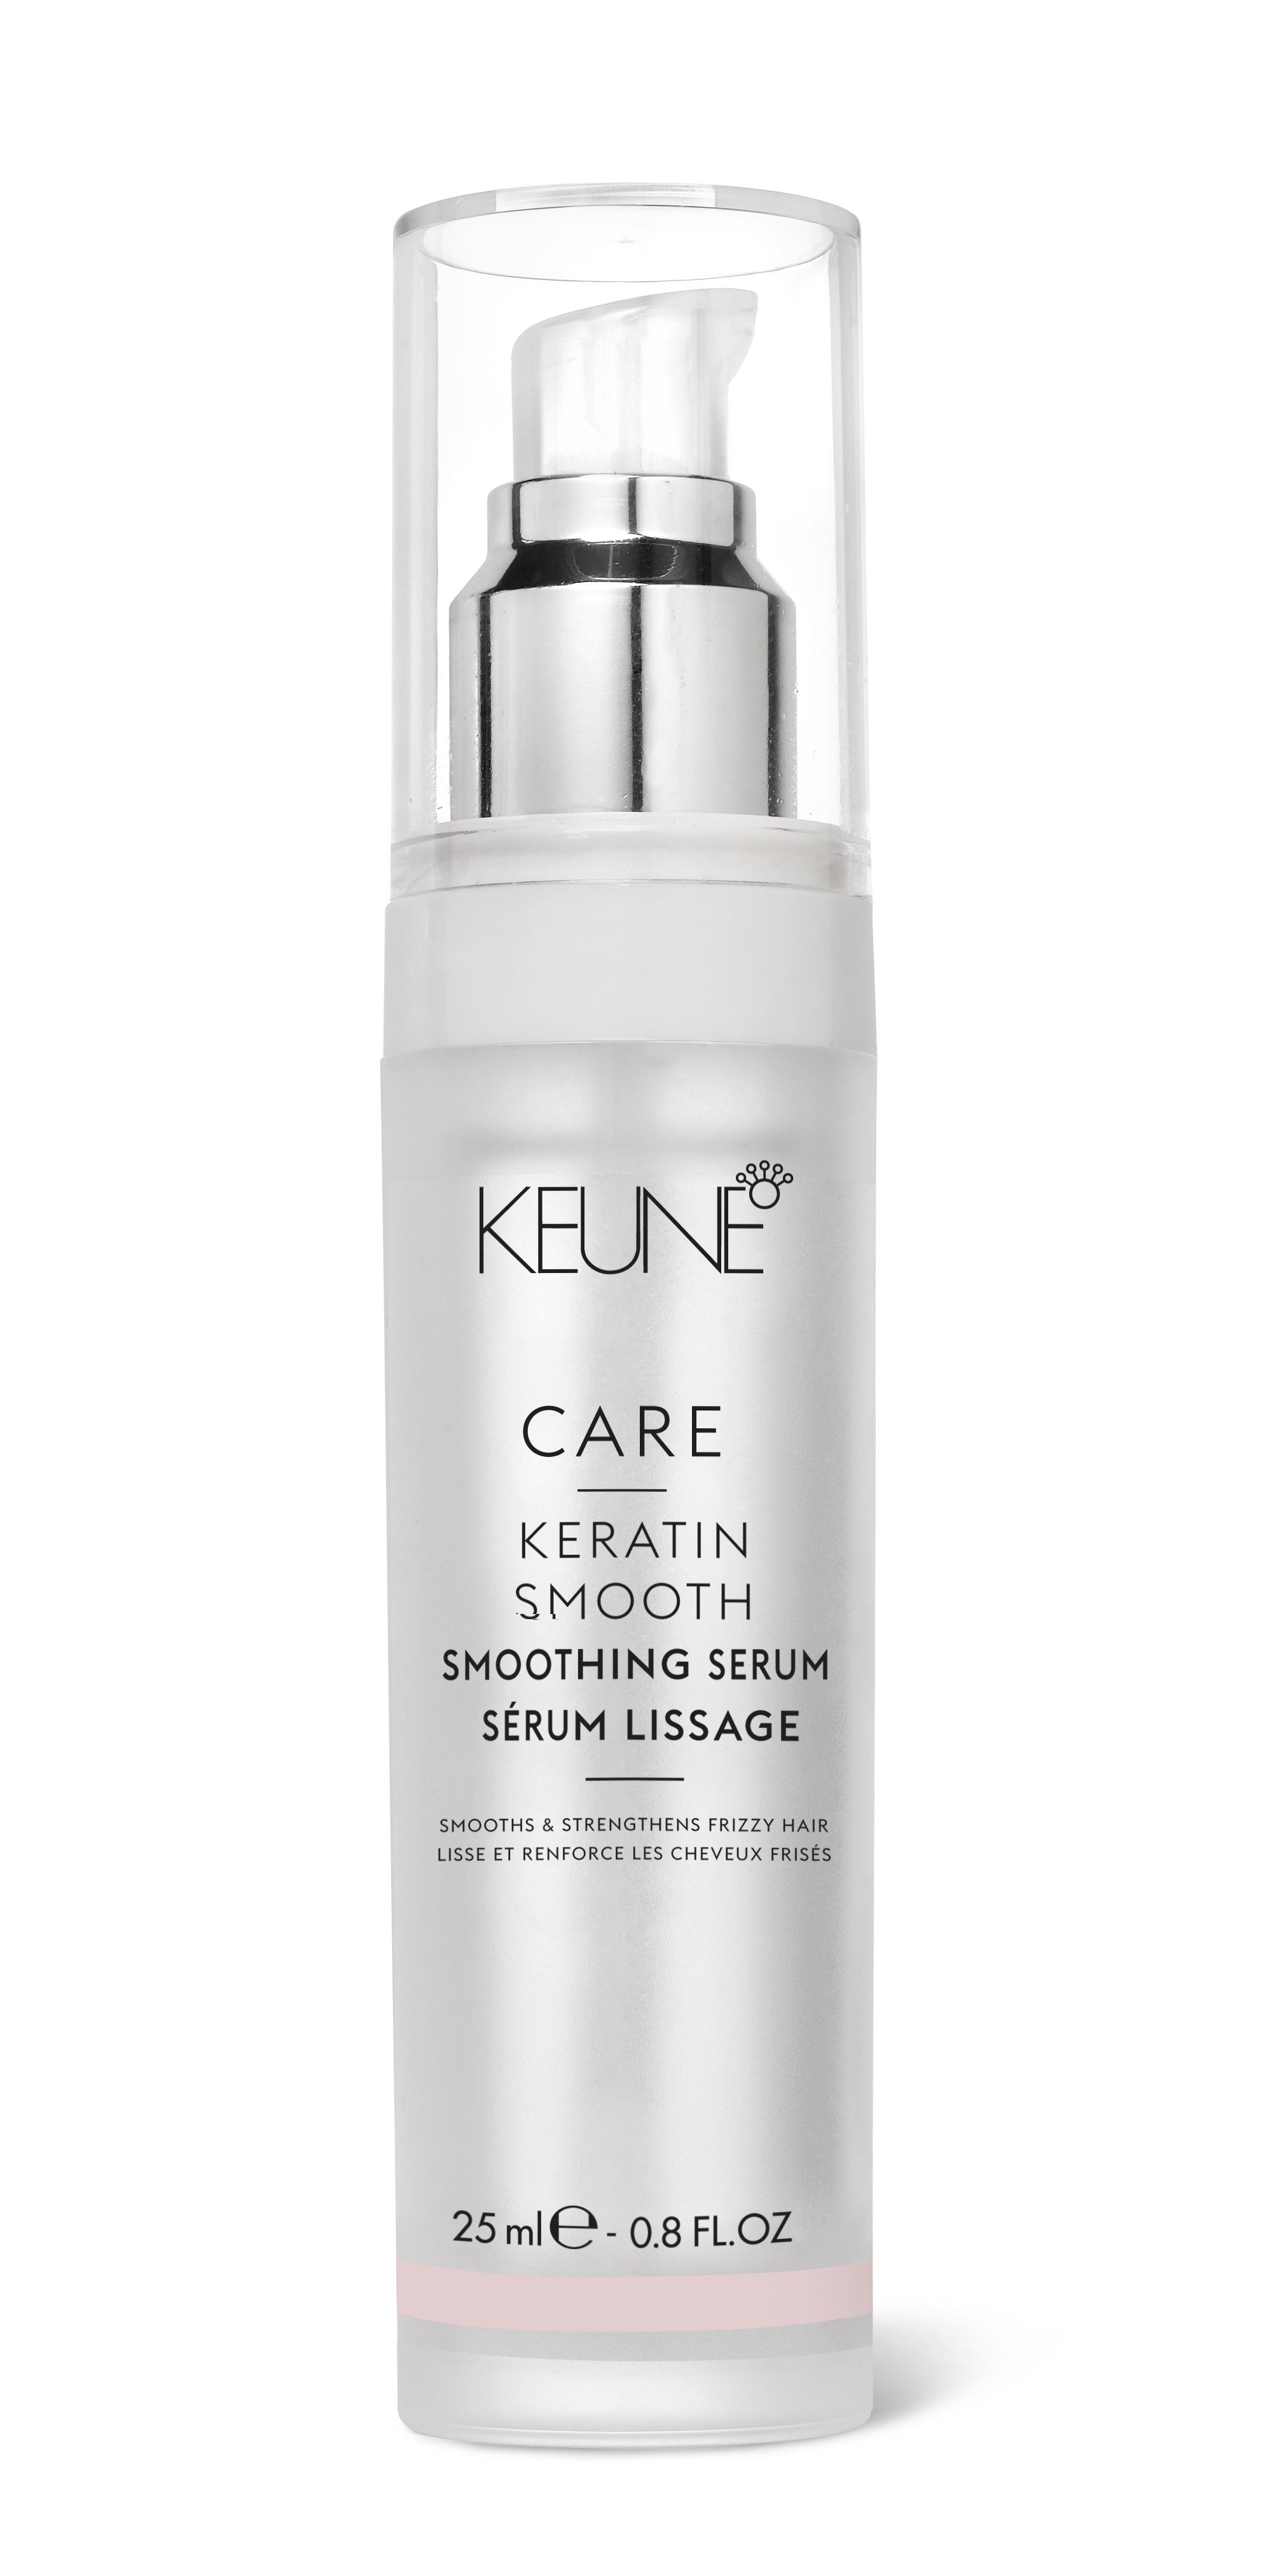 """KEUNE Сыворотка для волос """"Кератиновый комплекс"""" / CARE Keratin Smooth Serum 25 мл"""